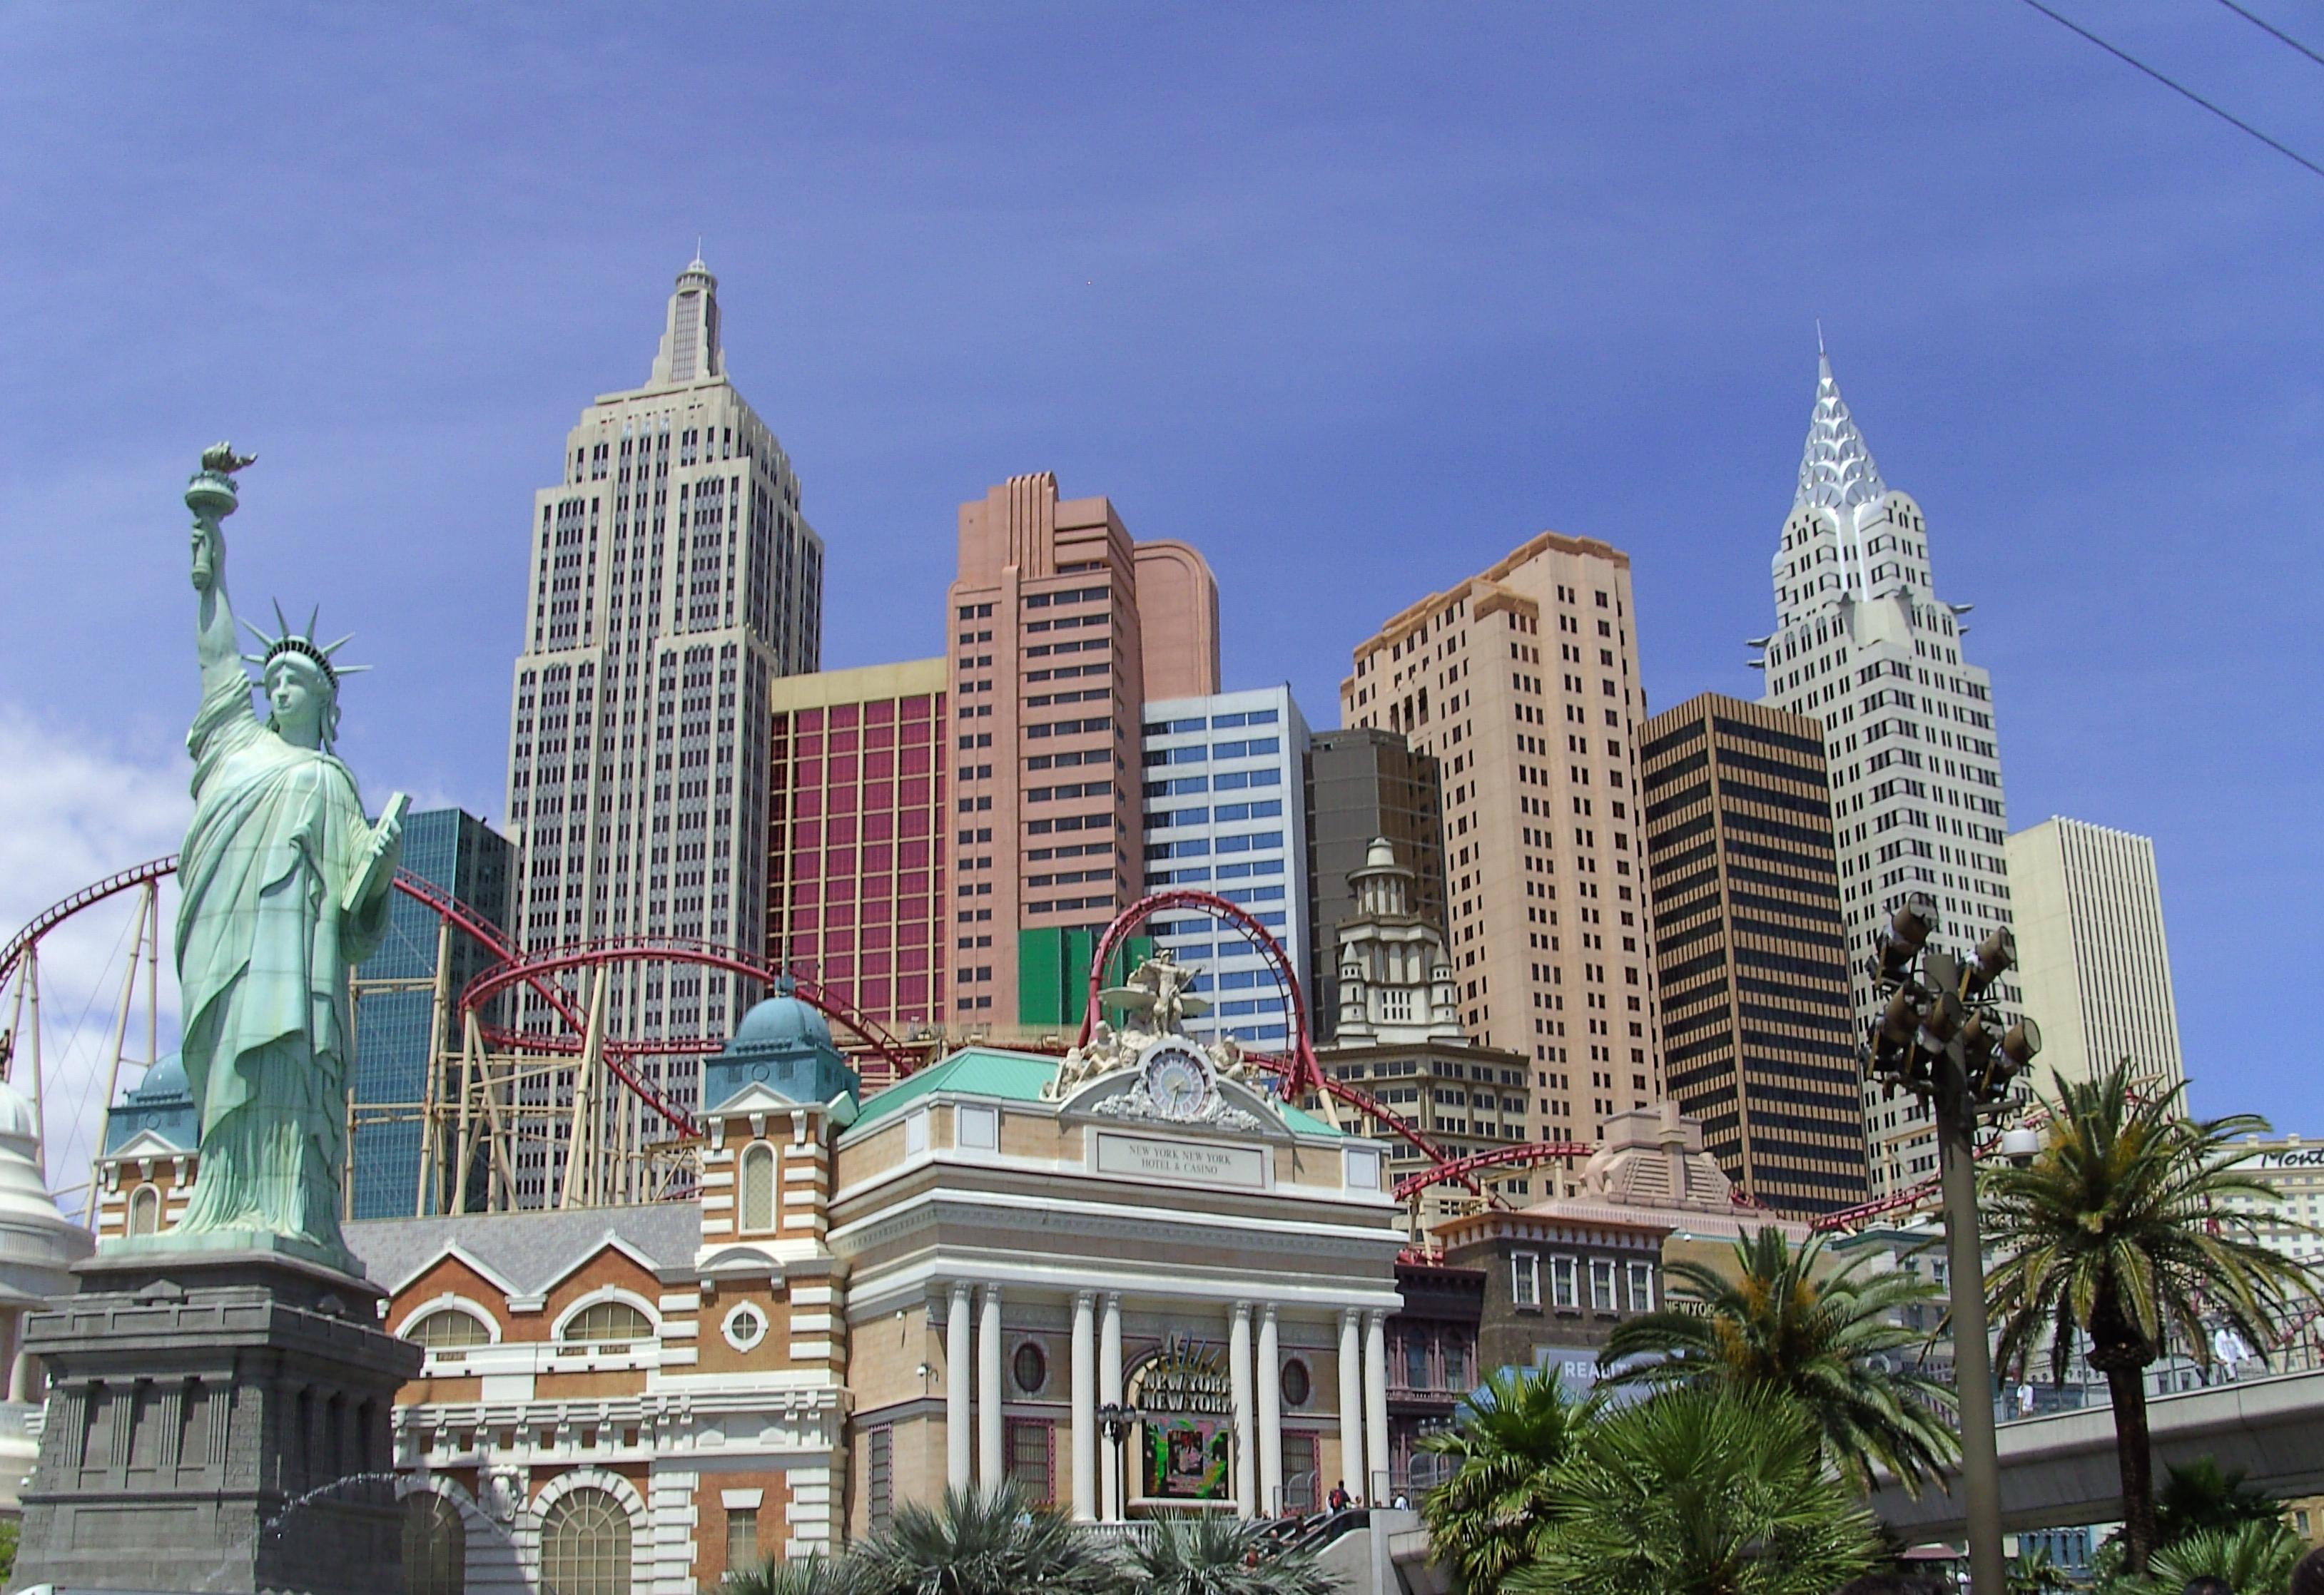 Hotel New York Panoramic View